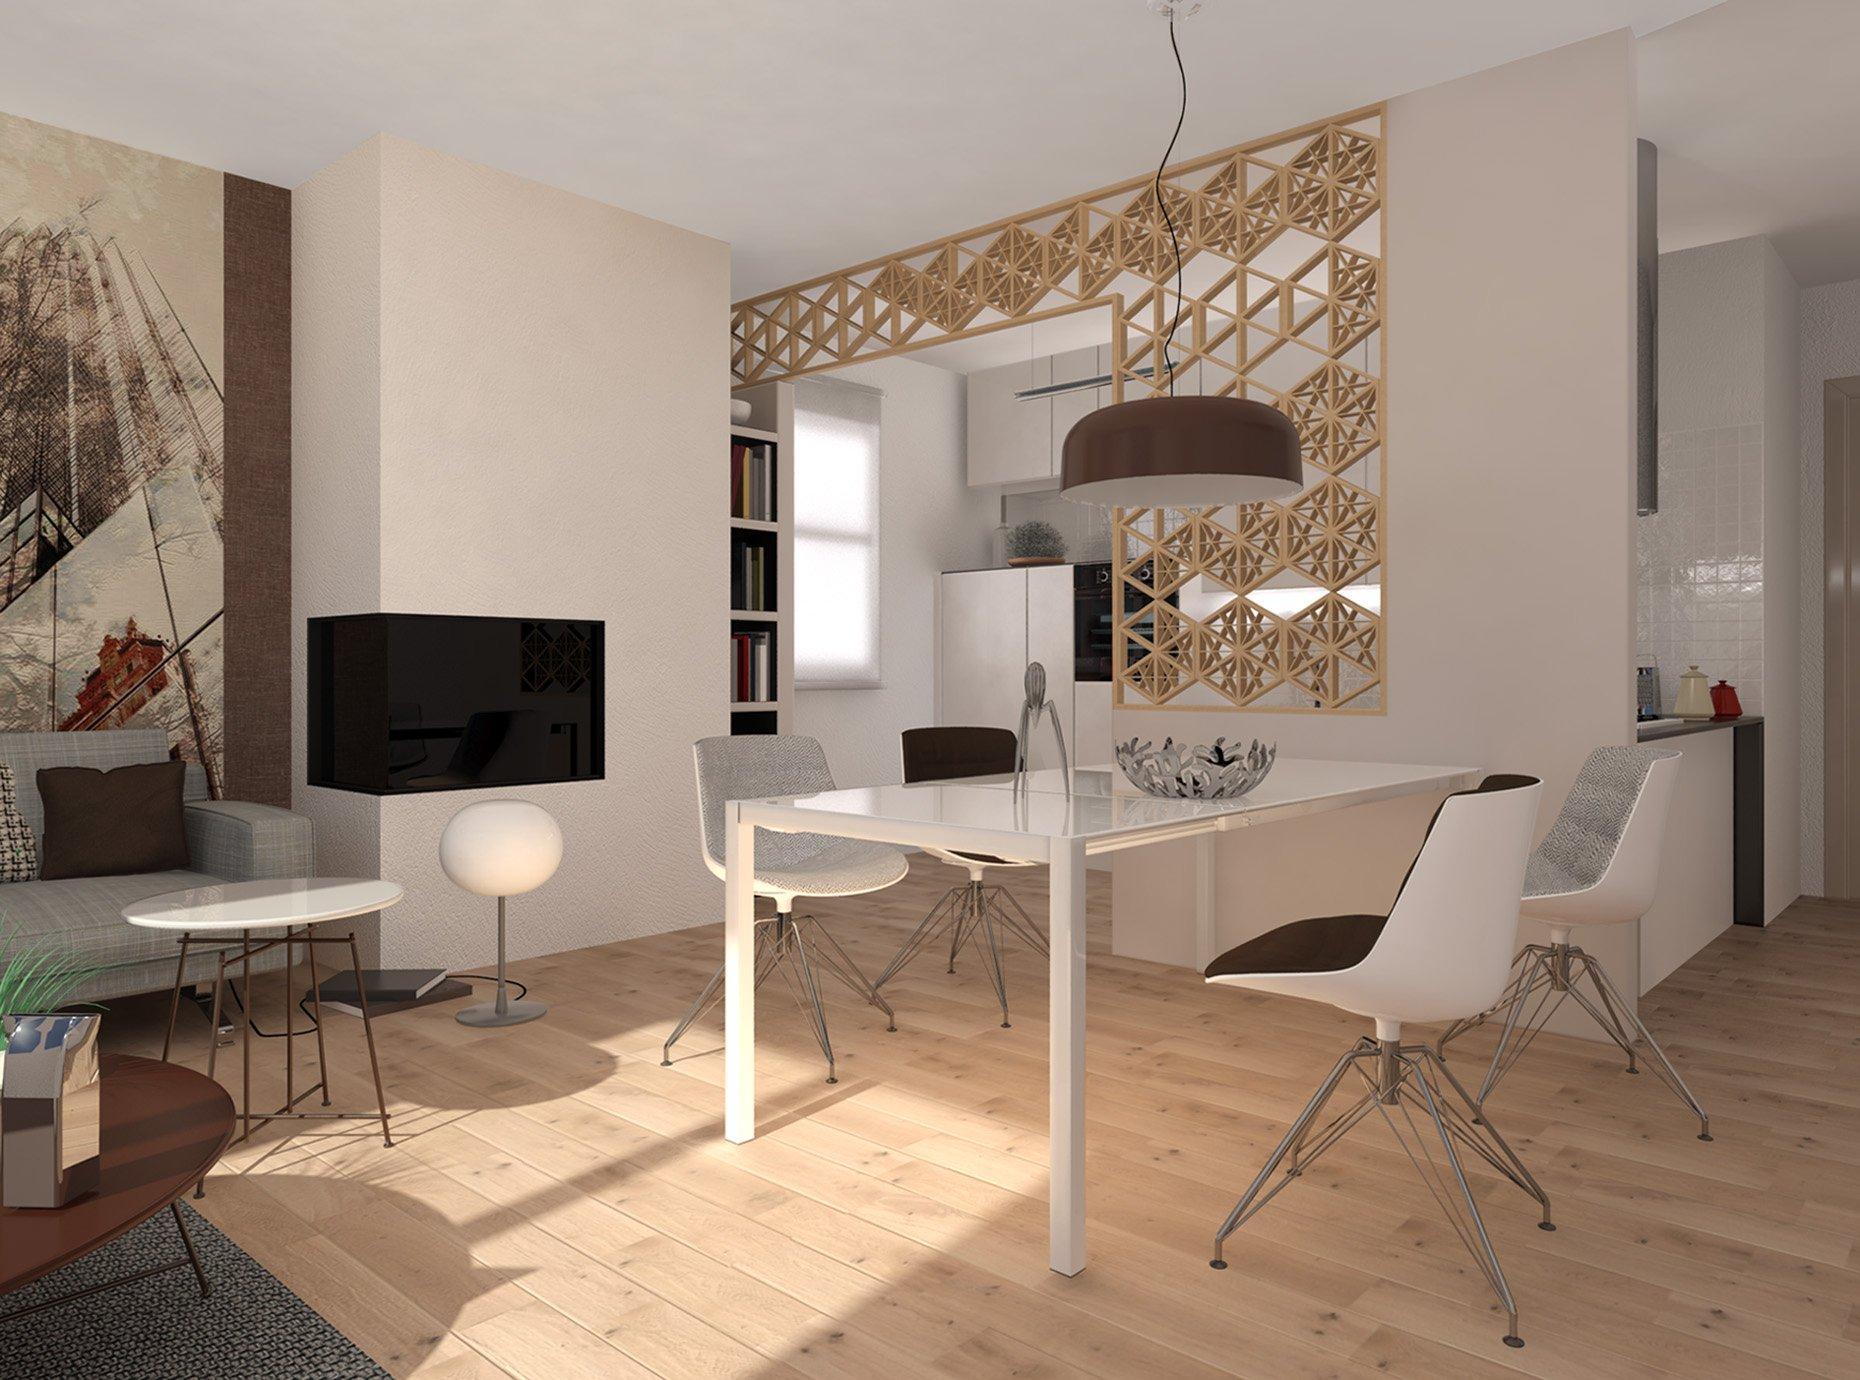 Dividere cucina e soggiorno cose di casa - Arredamento cucina salone ...